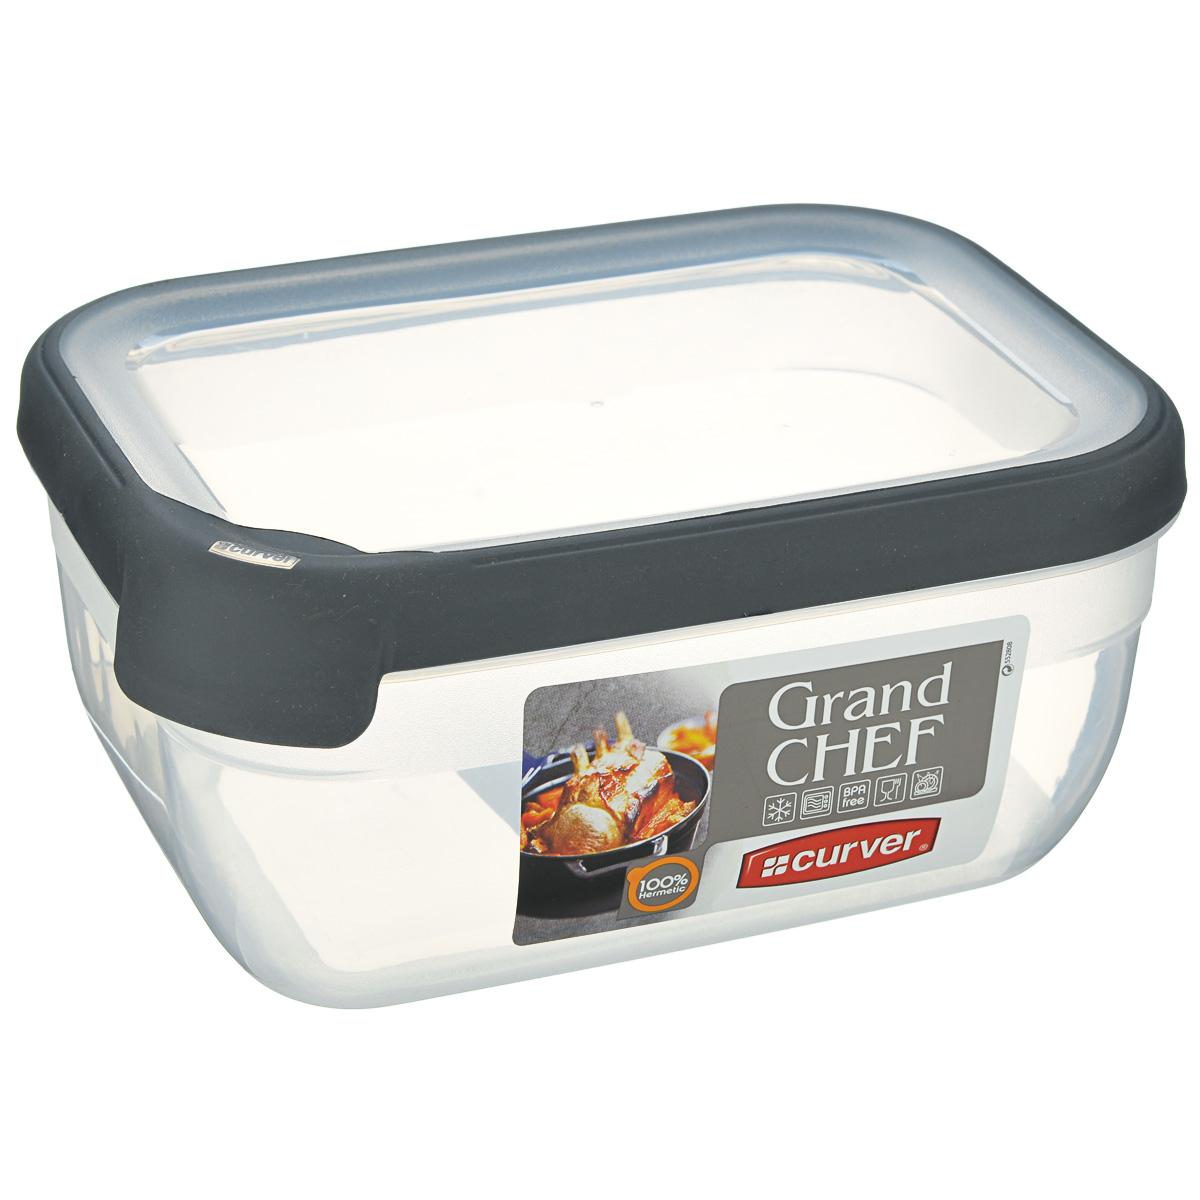 Емкость для заморозки и СВЧ Curver Grand Chef, цвет: прозрачный, серый, 1,8 л07389-673-03Прямоугольная емкость для заморозки и СВЧ Grand Chef изготовлена из высококачественного пищевого пластика (BPA free), который выдерживает температуру от -40°С до +100°С. Стенки емкости и крышка прозрачные. Крышка по краю оснащена силиконовой вставкой, благодаря которой плотно и герметично закрывается, дольше сохраняя продукты свежими и вкусными. Емкость удобно брать с собой на пикник, дачу, в поход или просто использовать для хранения пищи в холодильнике. Можно использовать в микроволновой печи и для заморозки в морозильной камере. Можно мыть в посудомоечной машине.